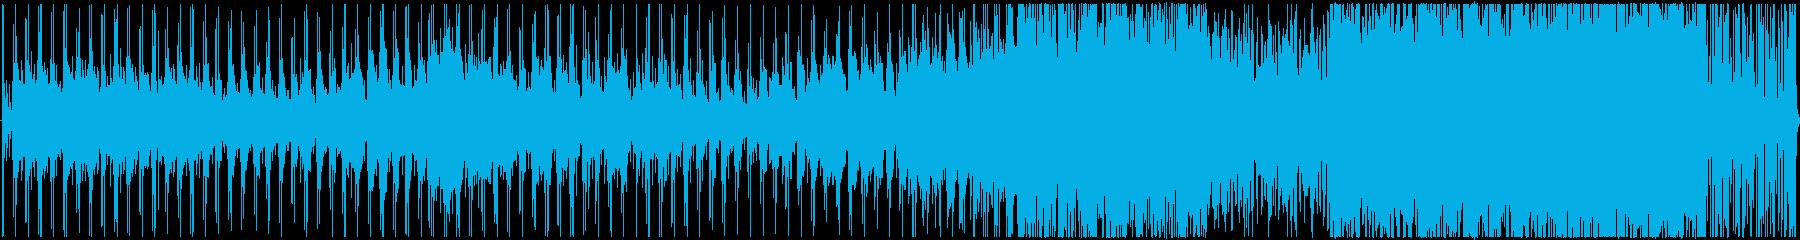 Agloeの再生済みの波形